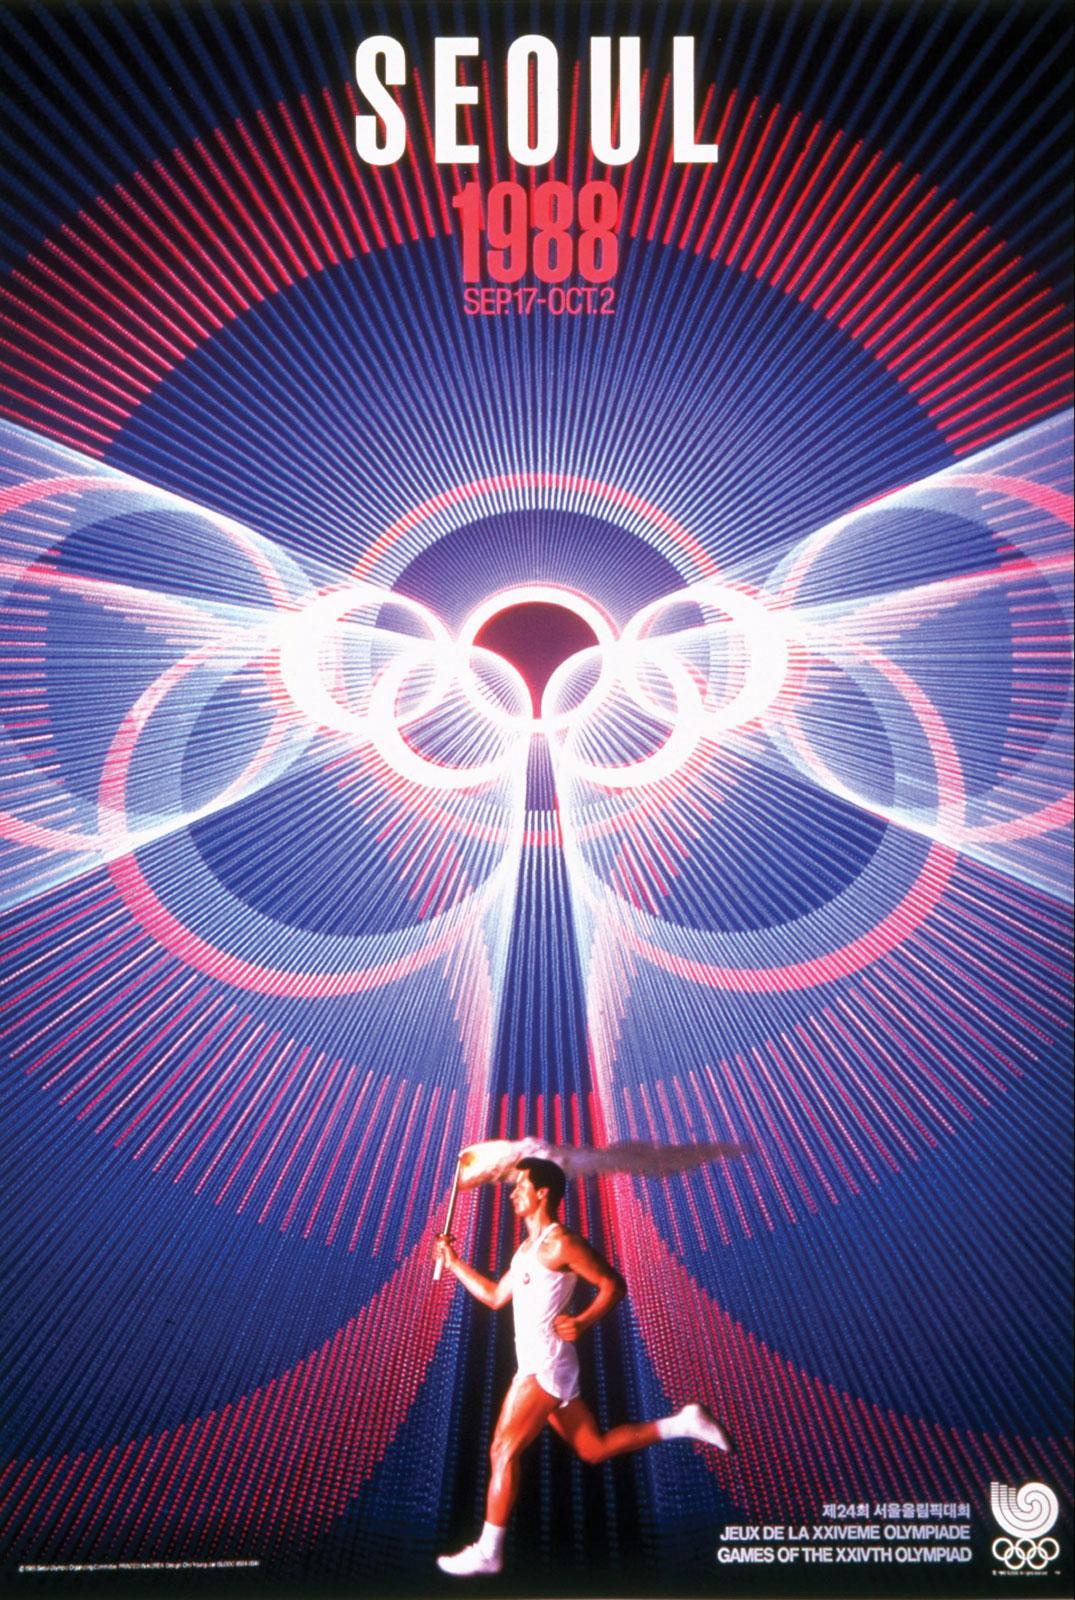 JUEGOS OLIMPICOS 1988 SEUL